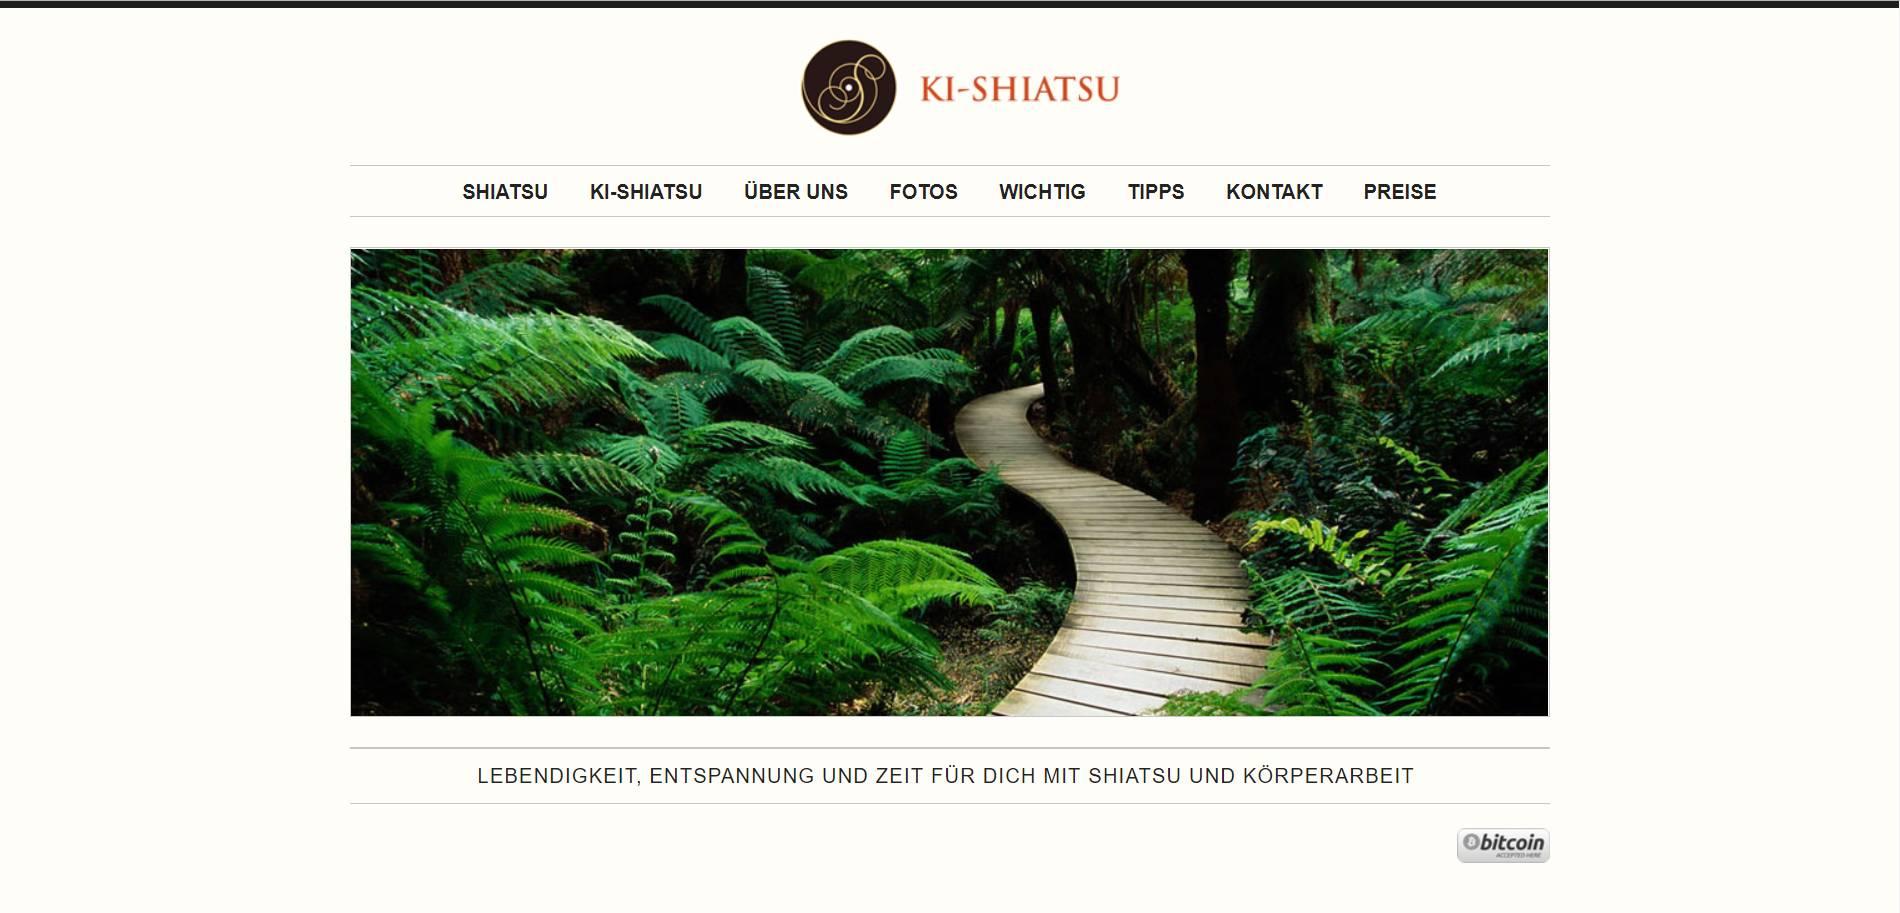 Ki-Shiatsu